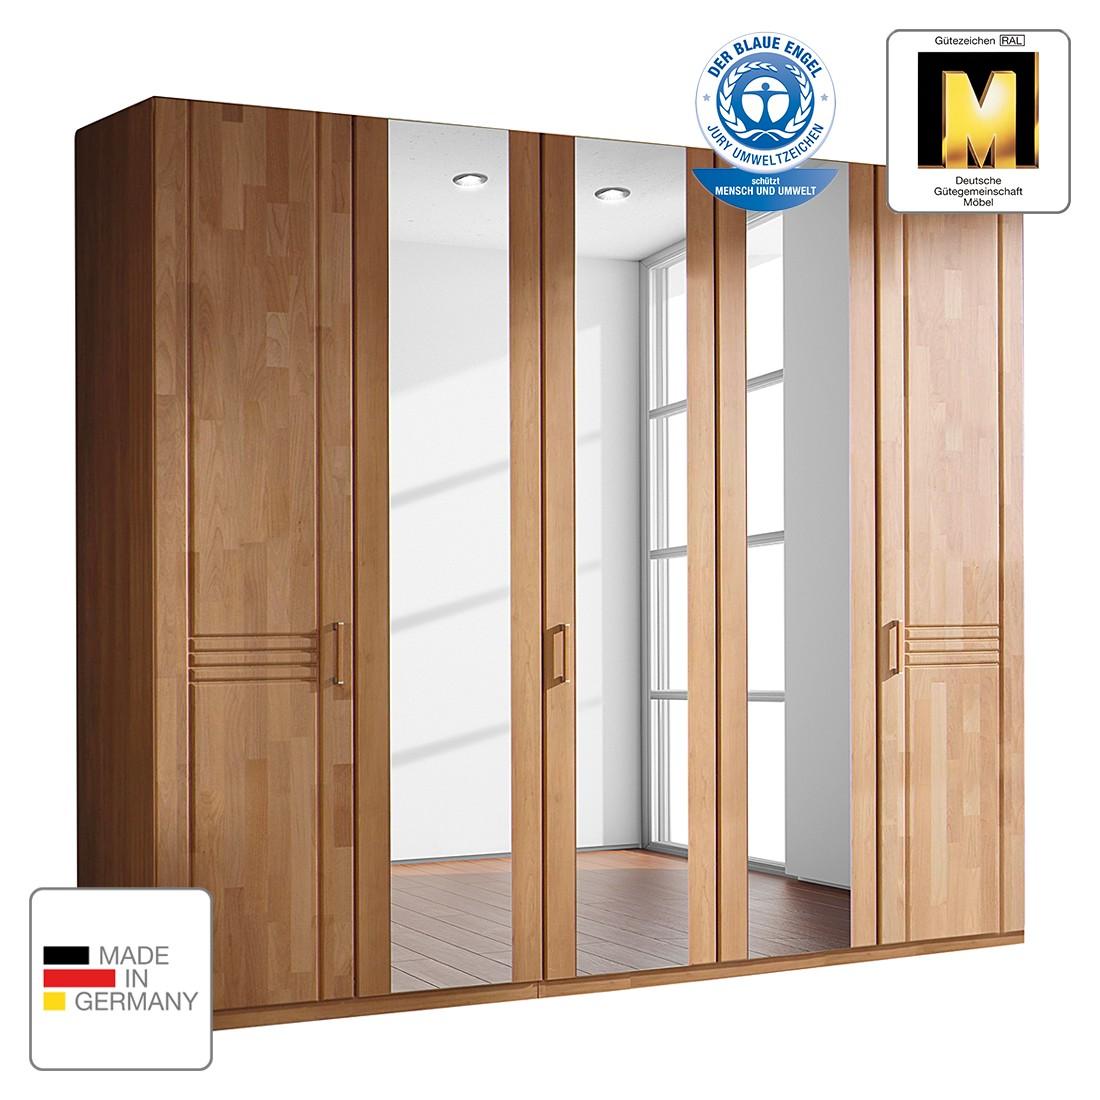 goedkoop Draaideurkast Savina Els 282cm 6 deurs 2 spiegeldeuren Zonder Passe partout lijst Rauch Steffen